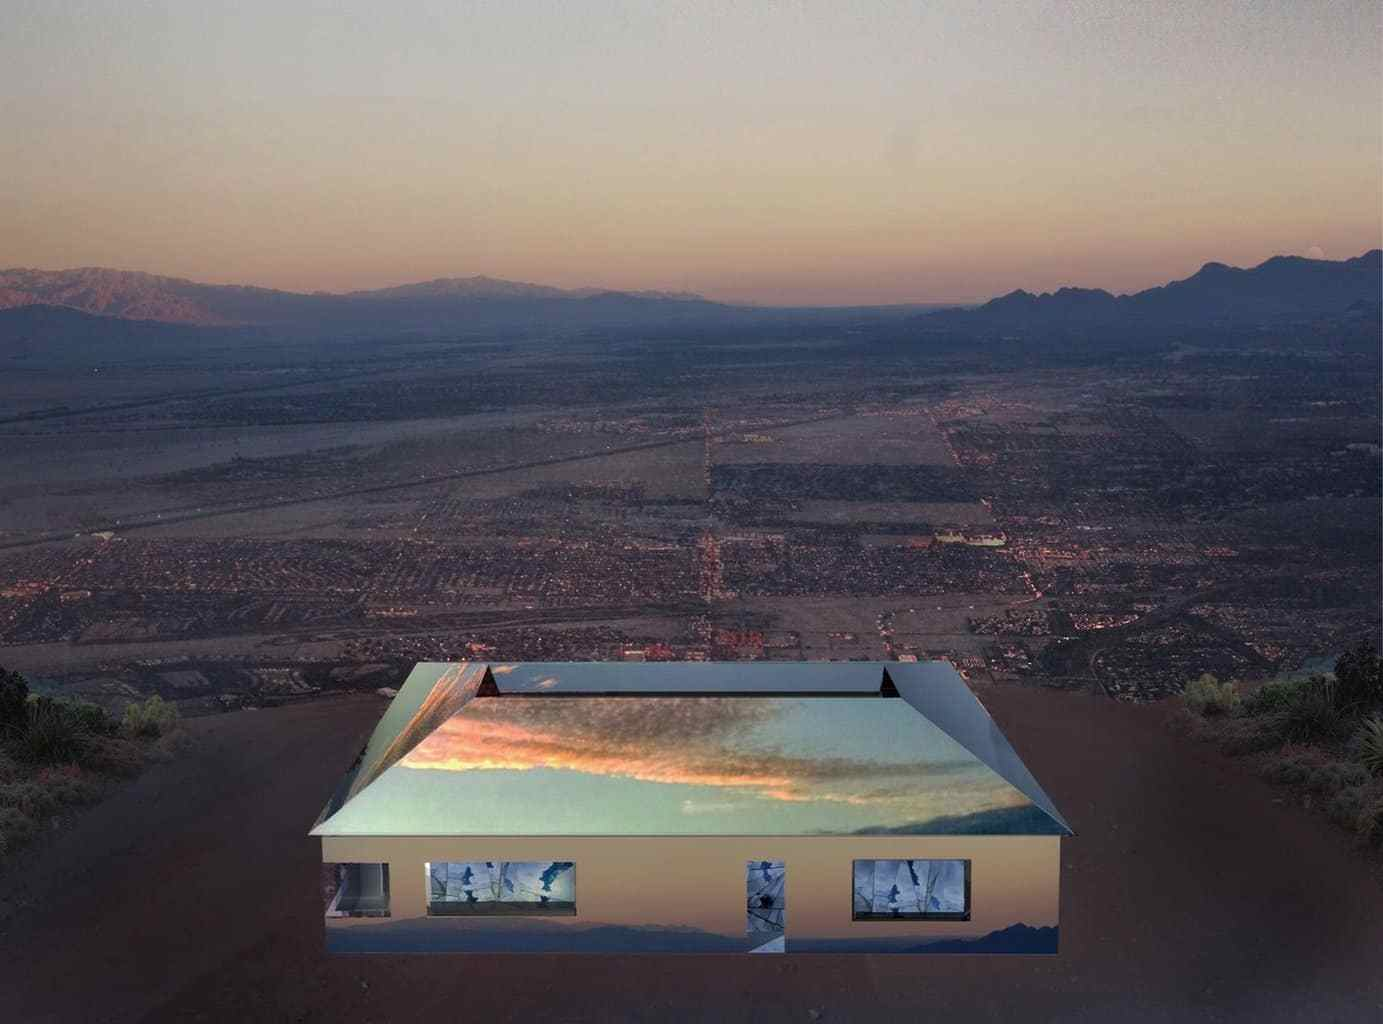 Mirage la casa degli specchi costruita nel deserto - Casa degli specchi ...